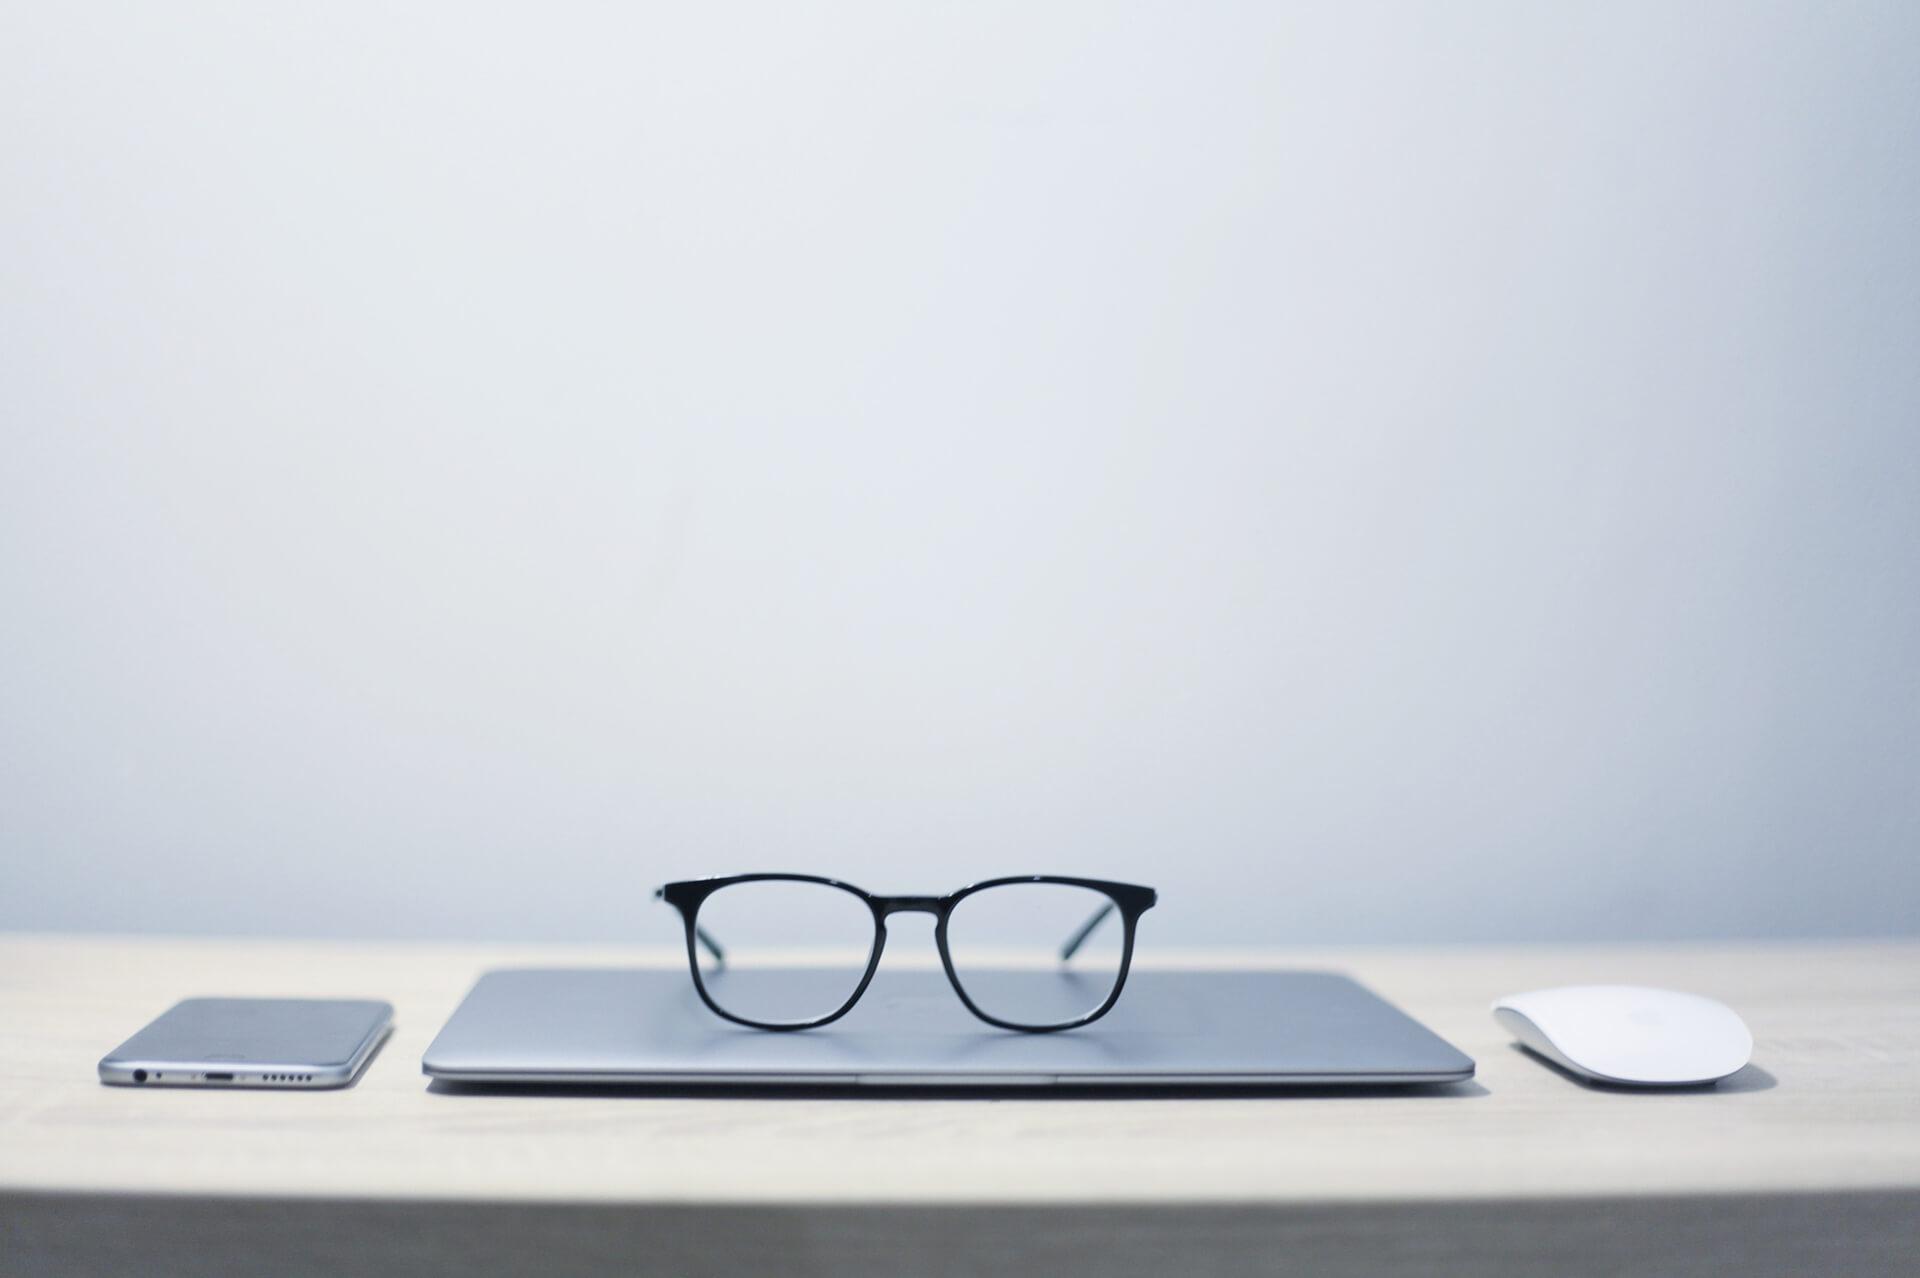 ¿Cómo contratar una empresa de SEO de confianza?